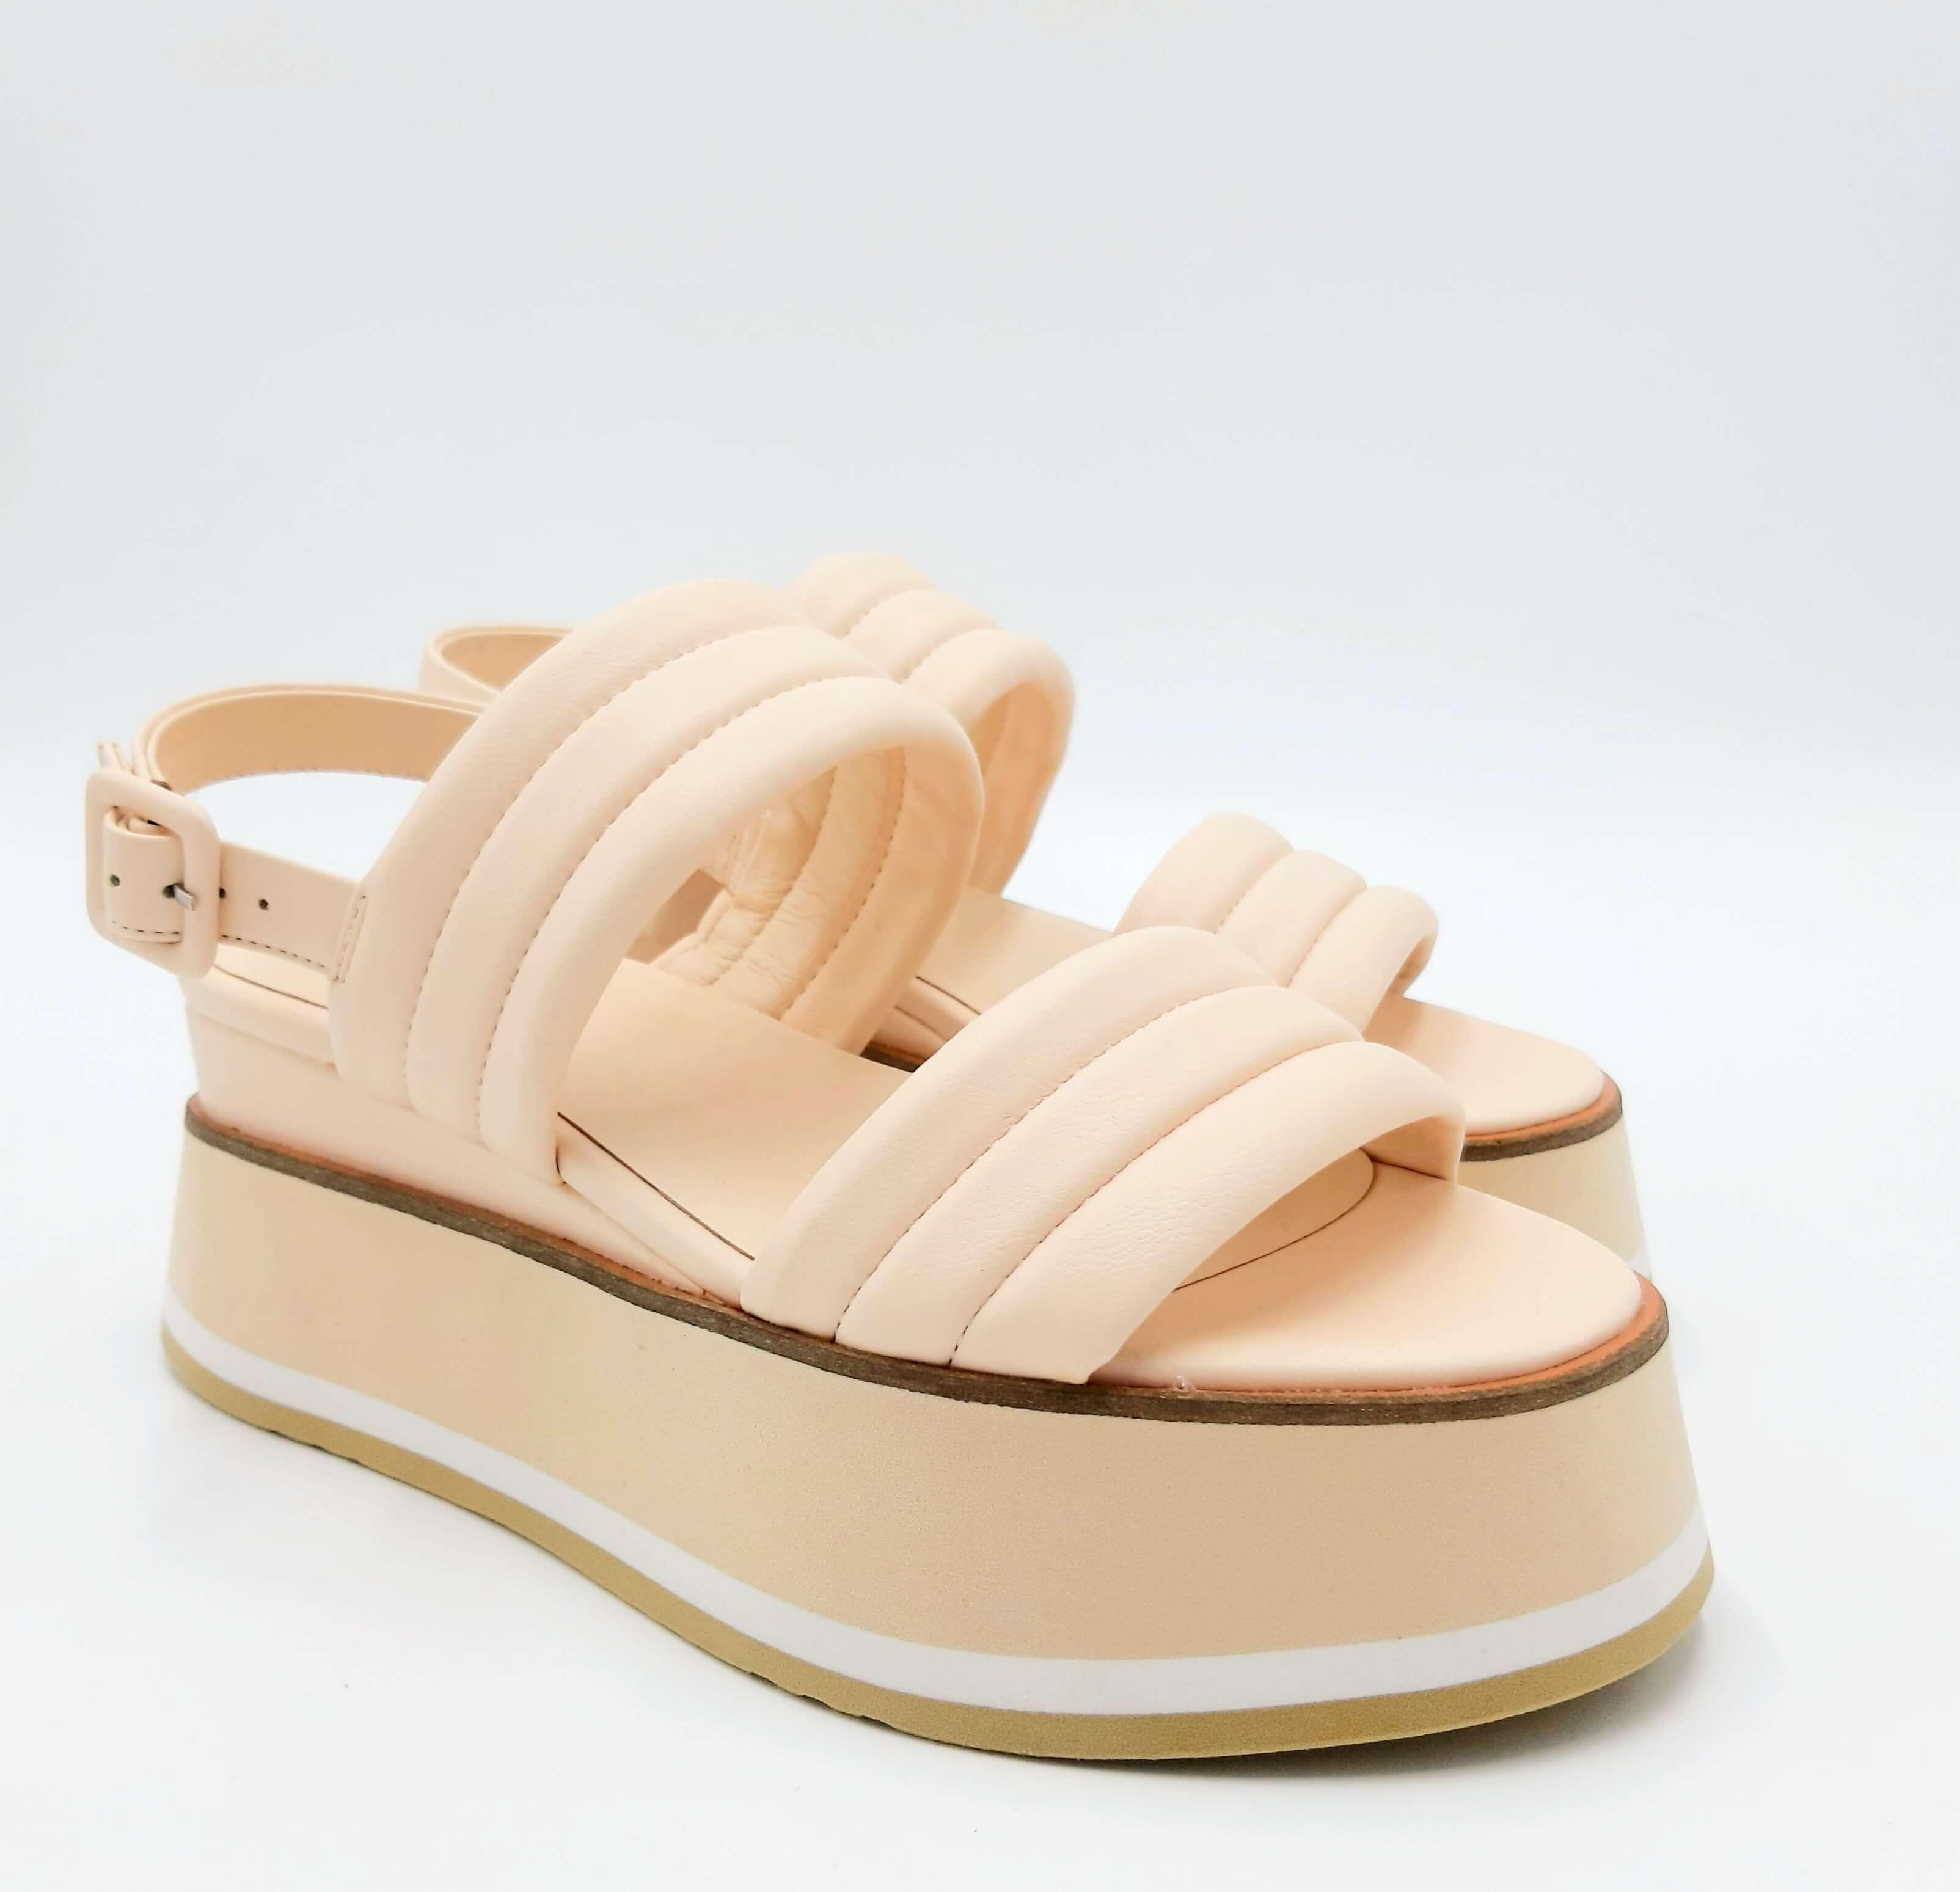 Sandalo rosa pallido con zeppa alta Jeannot